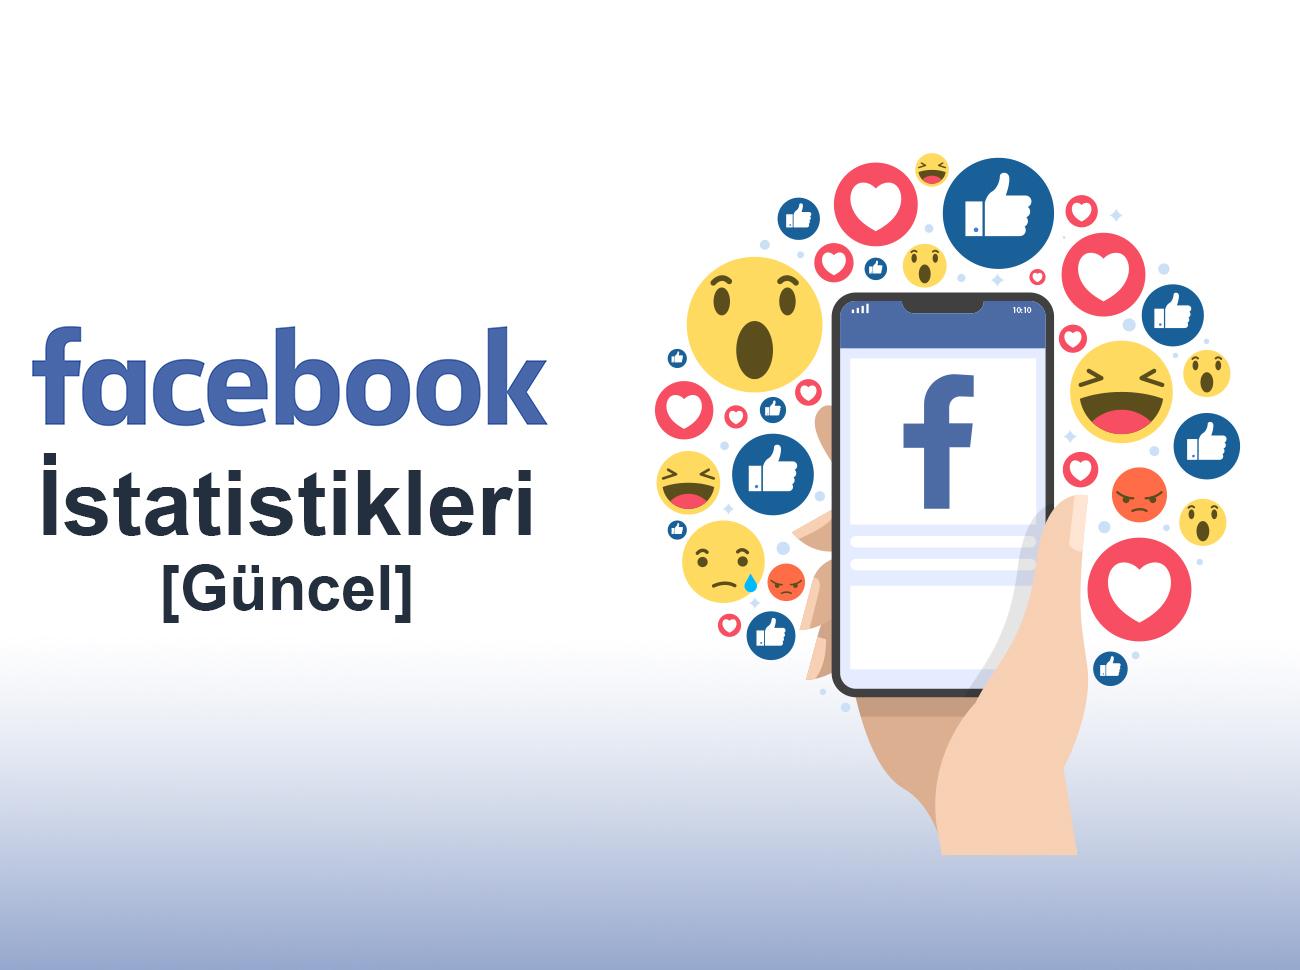 Facebook İstatistikleri (Güncel)